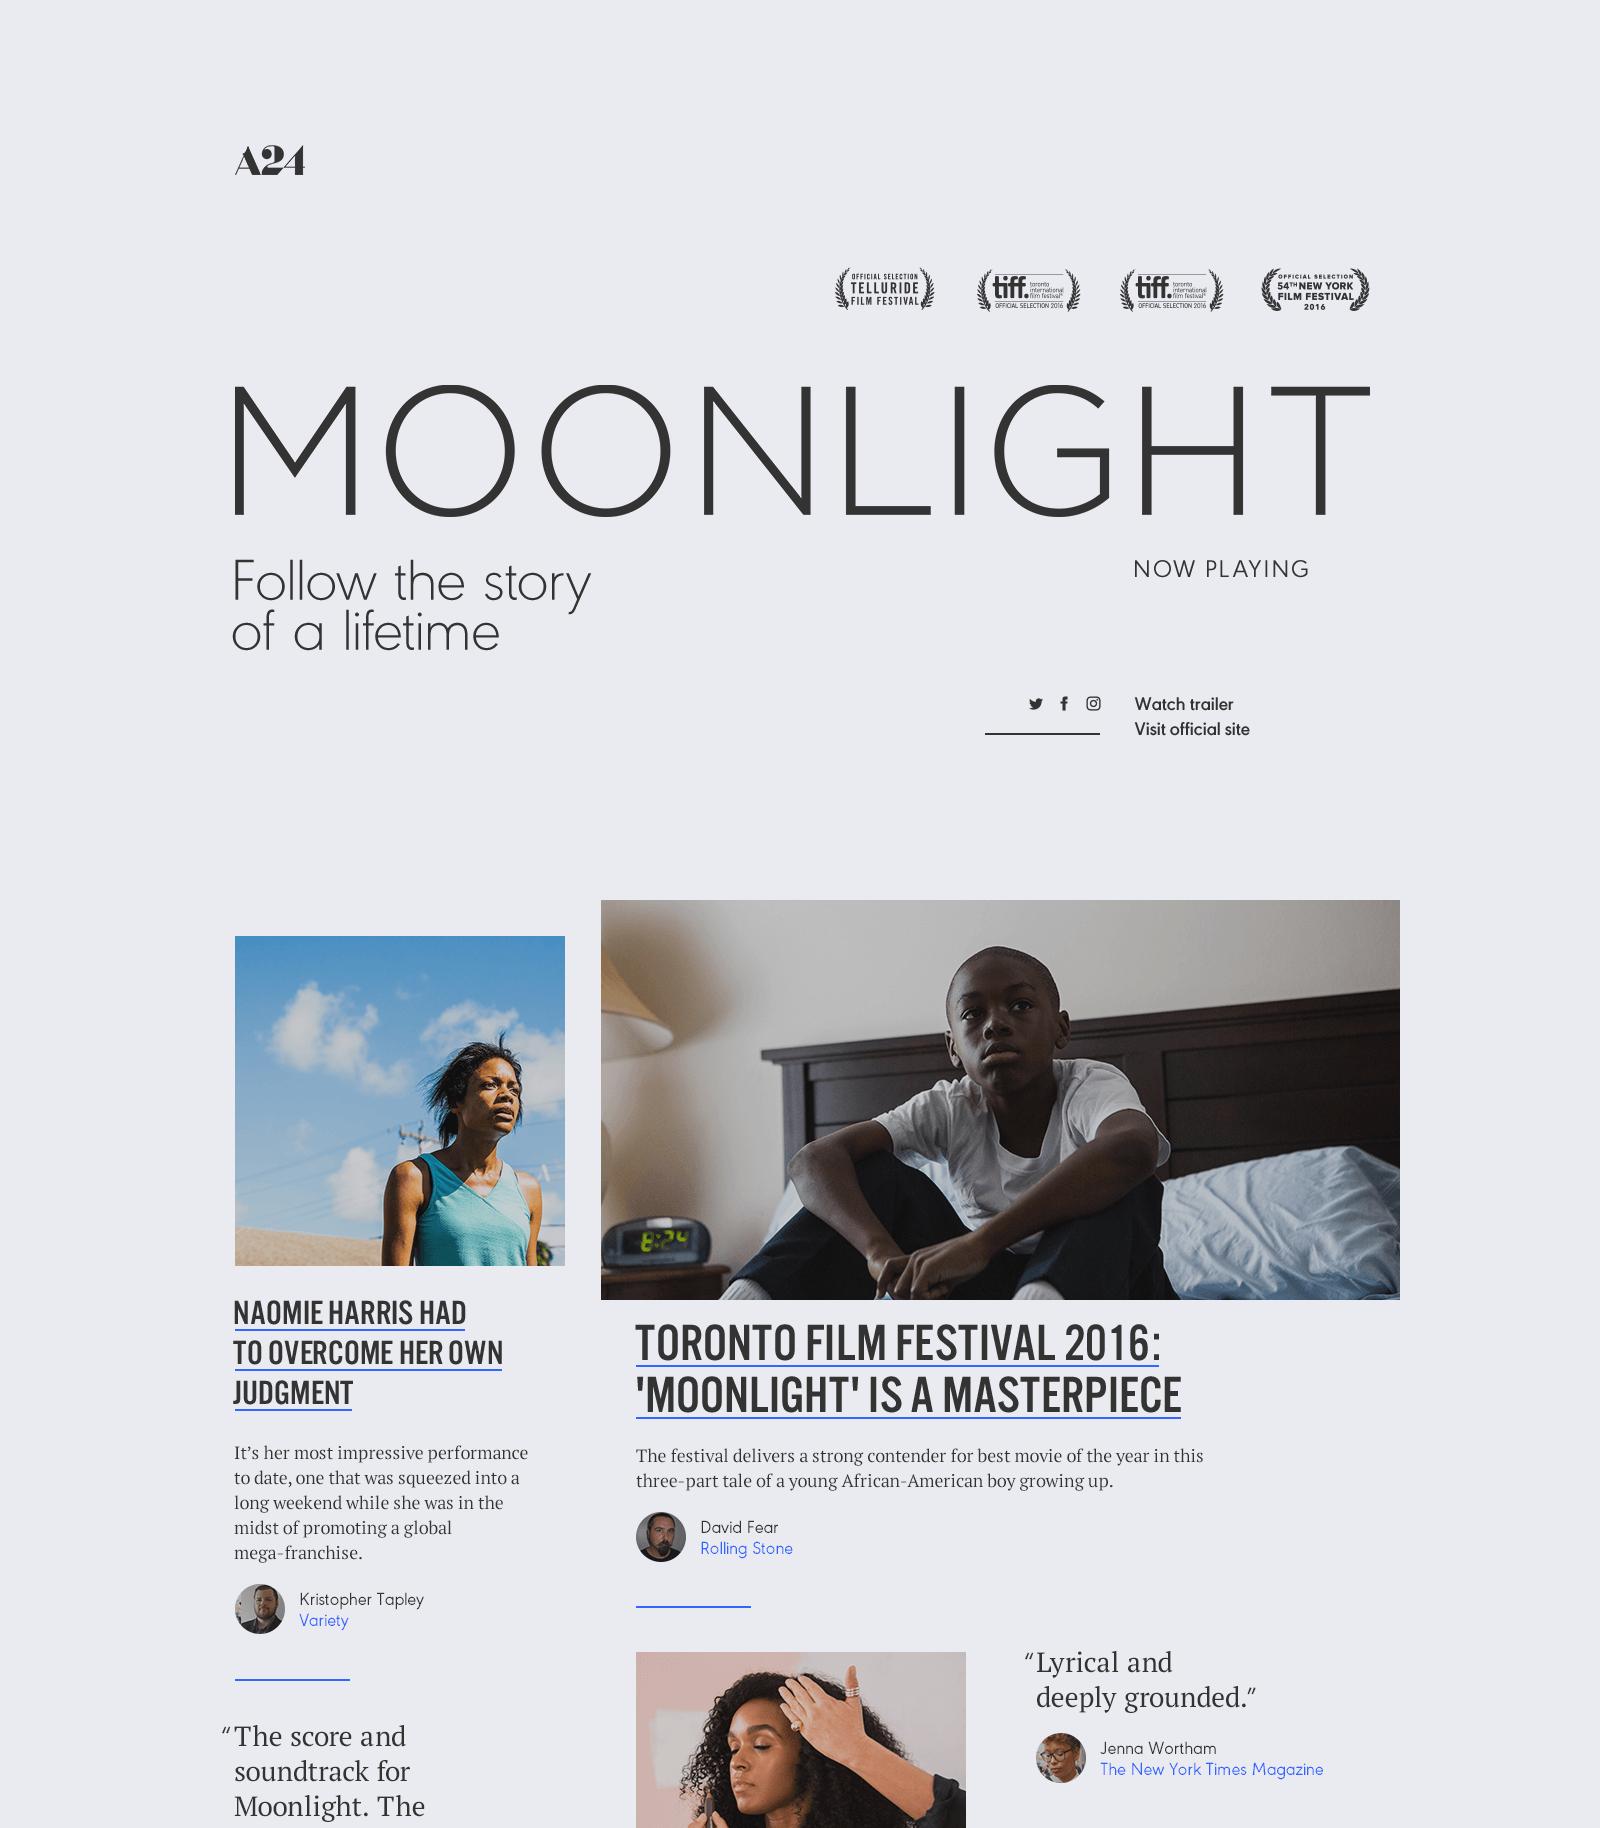 Moonlight Watson Toronto Film Festival Digital Agencies Moonlight